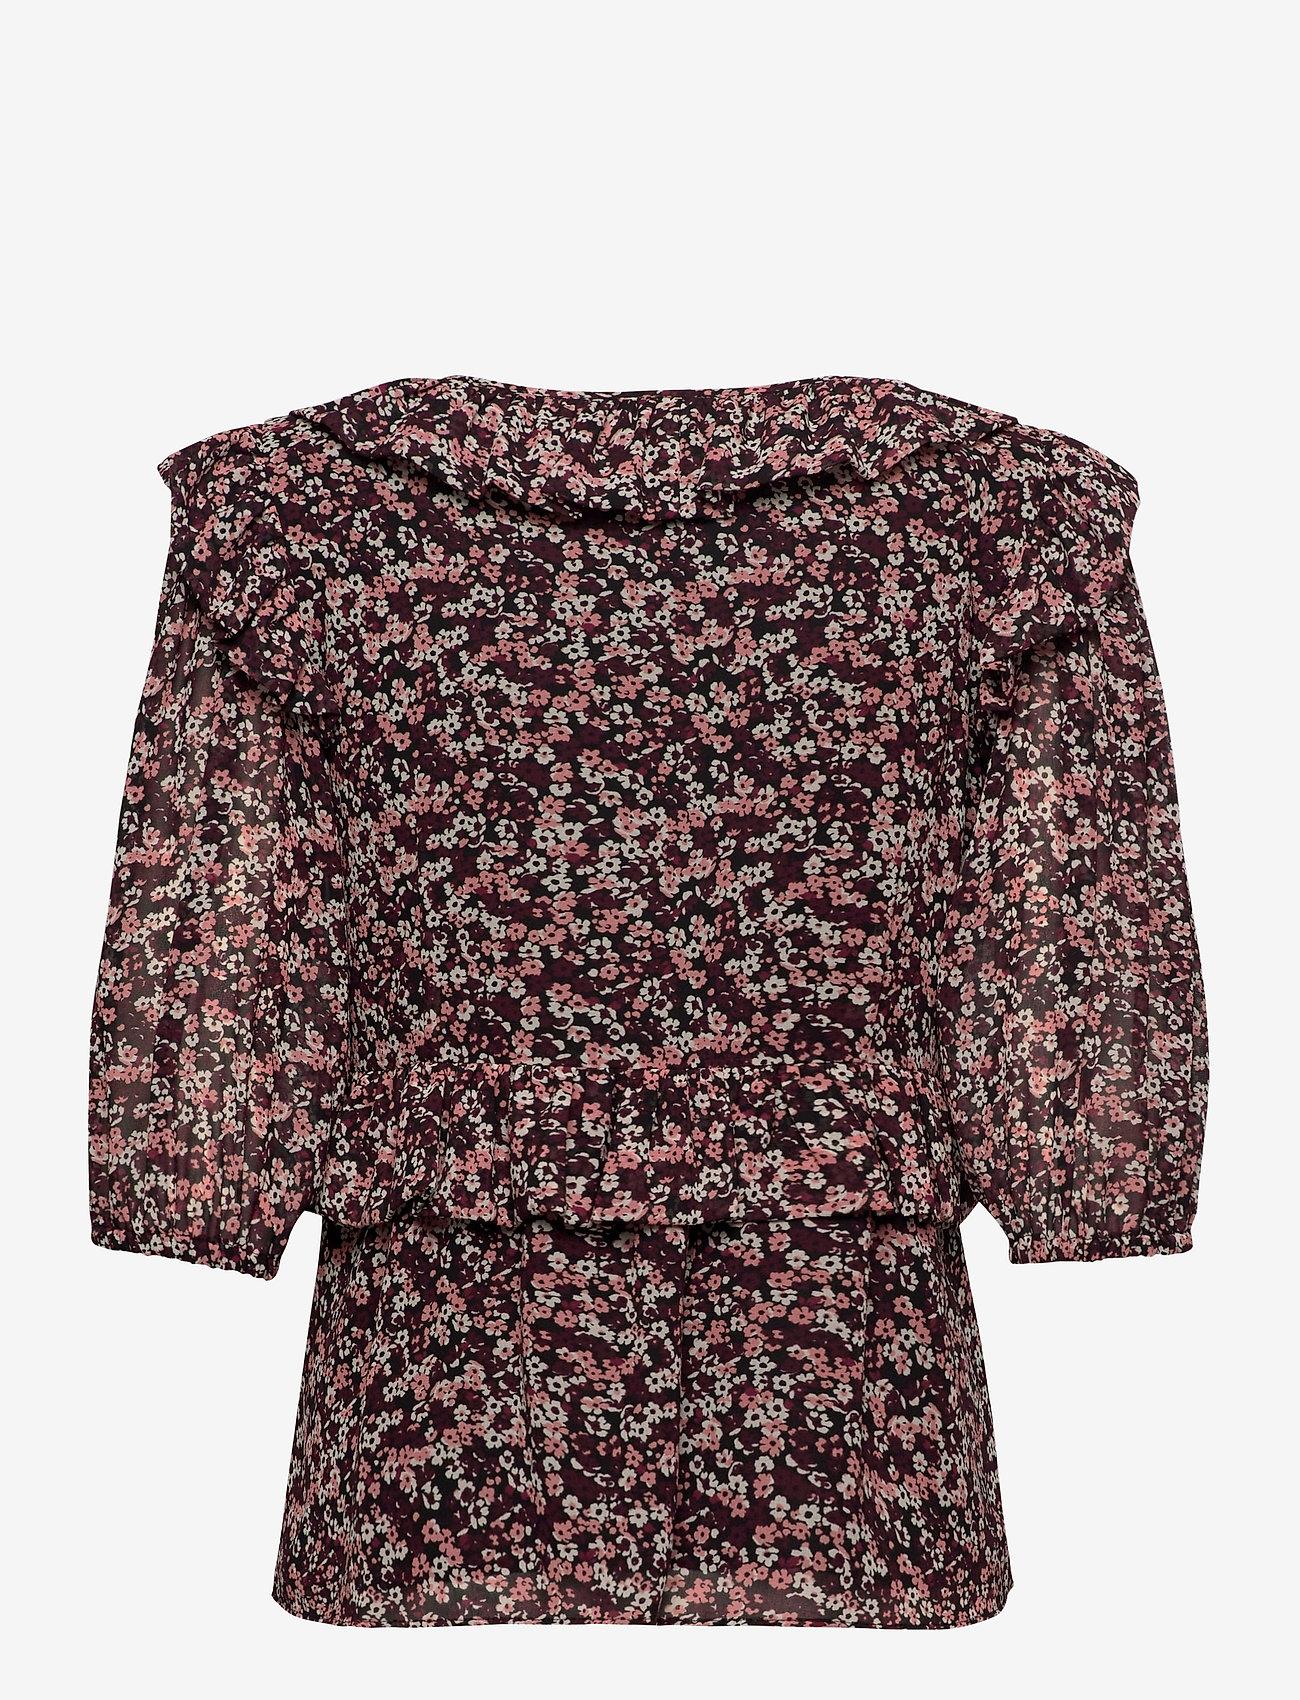 Michael Kors - DAINTY BLM TOP - blouses met lange mouwen - dark ruby - 1